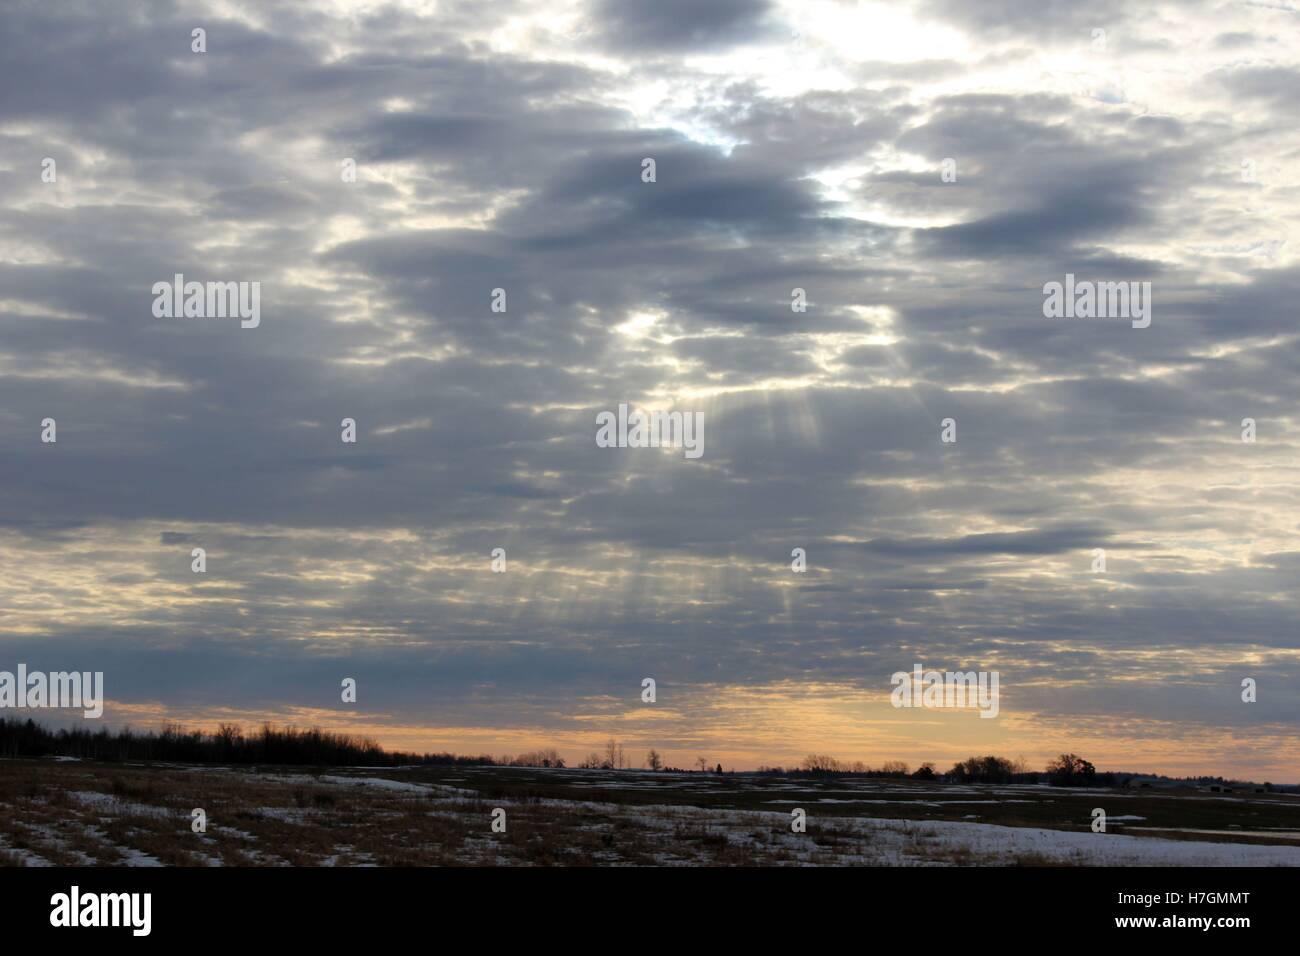 Raggi di sole risplendere fuori da dietro le nuvole scure Immagini Stock